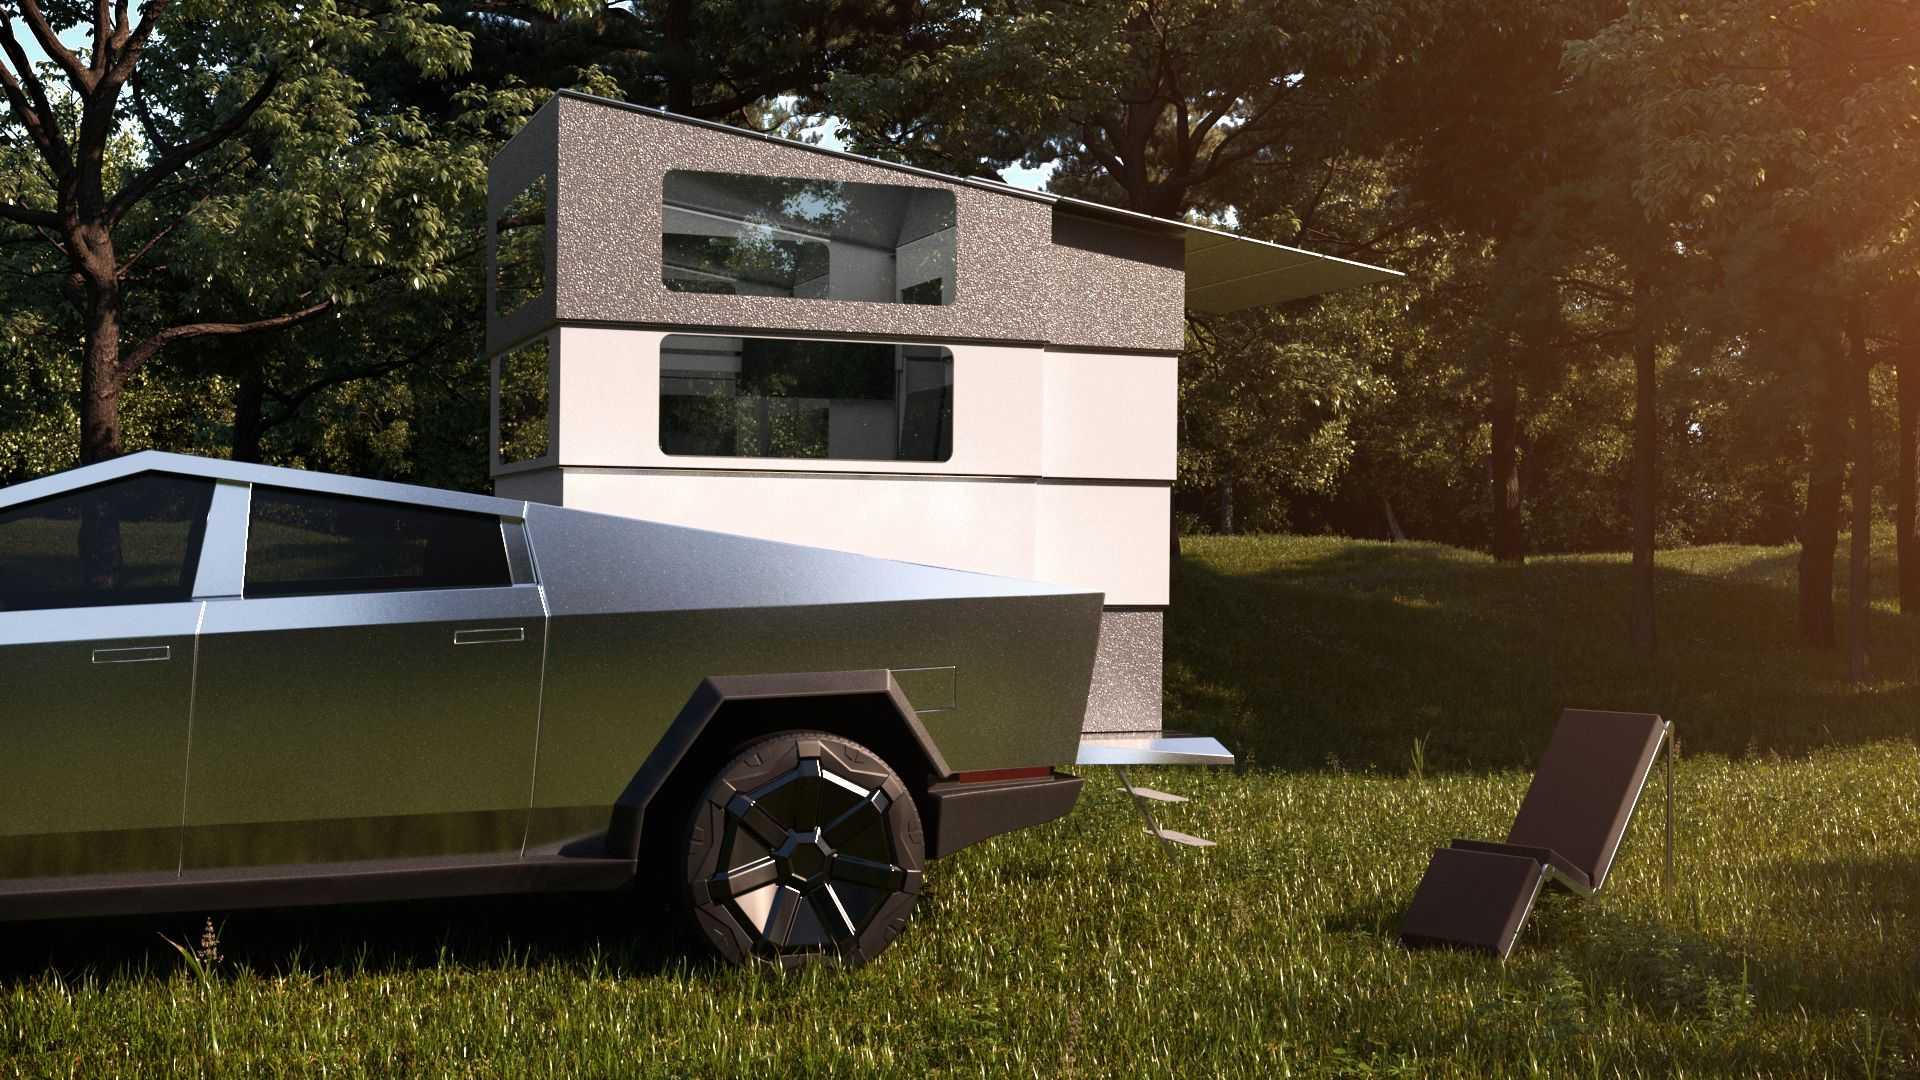 CyberLandr-Camper-For-Tesla-Cybertruck-12